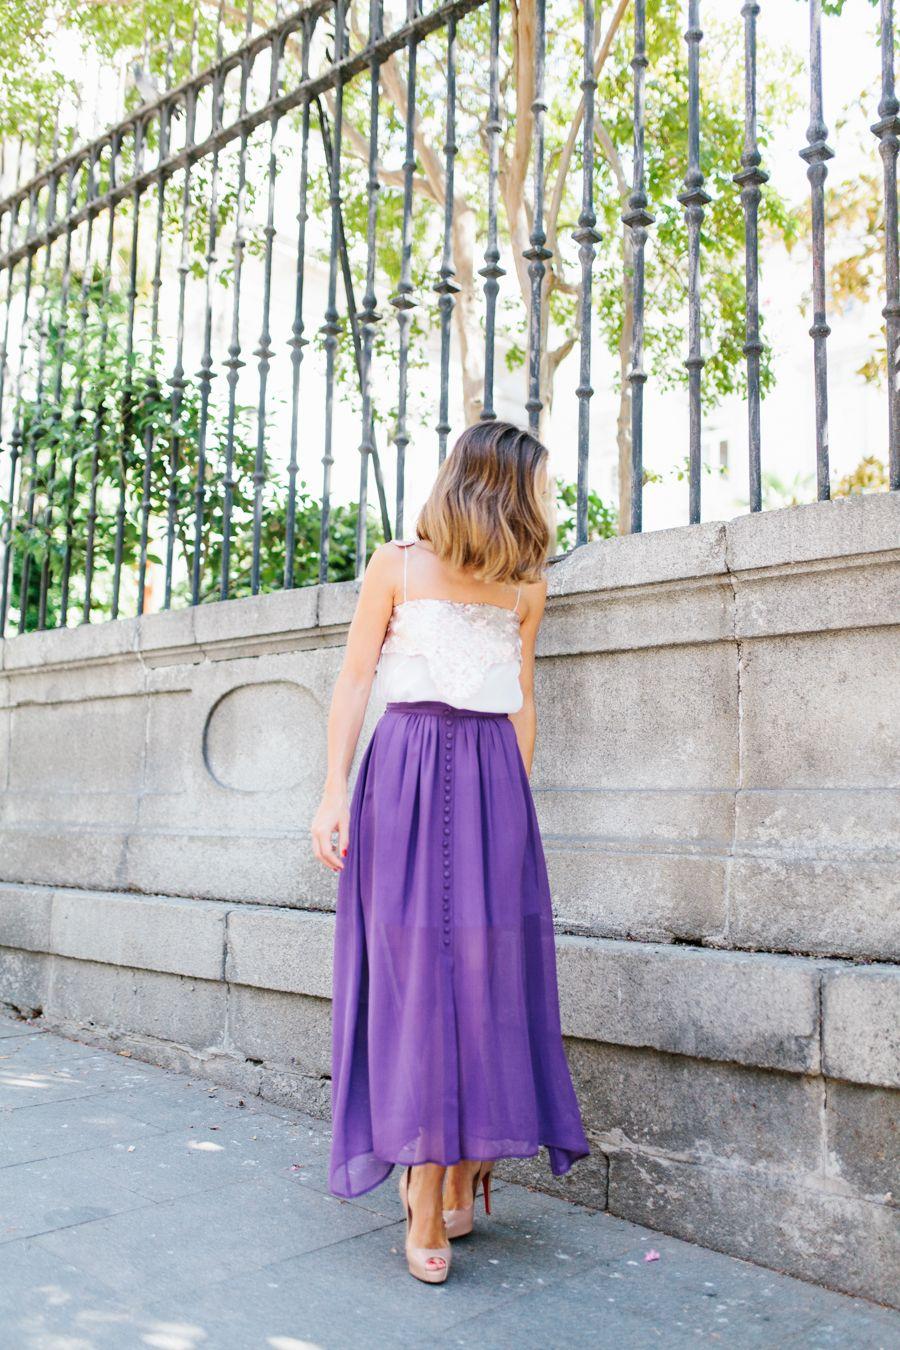 calista-one-lista-de-bodas-online-blog-de-bodas-bossanova-looks-invitadas-top-rosa-13